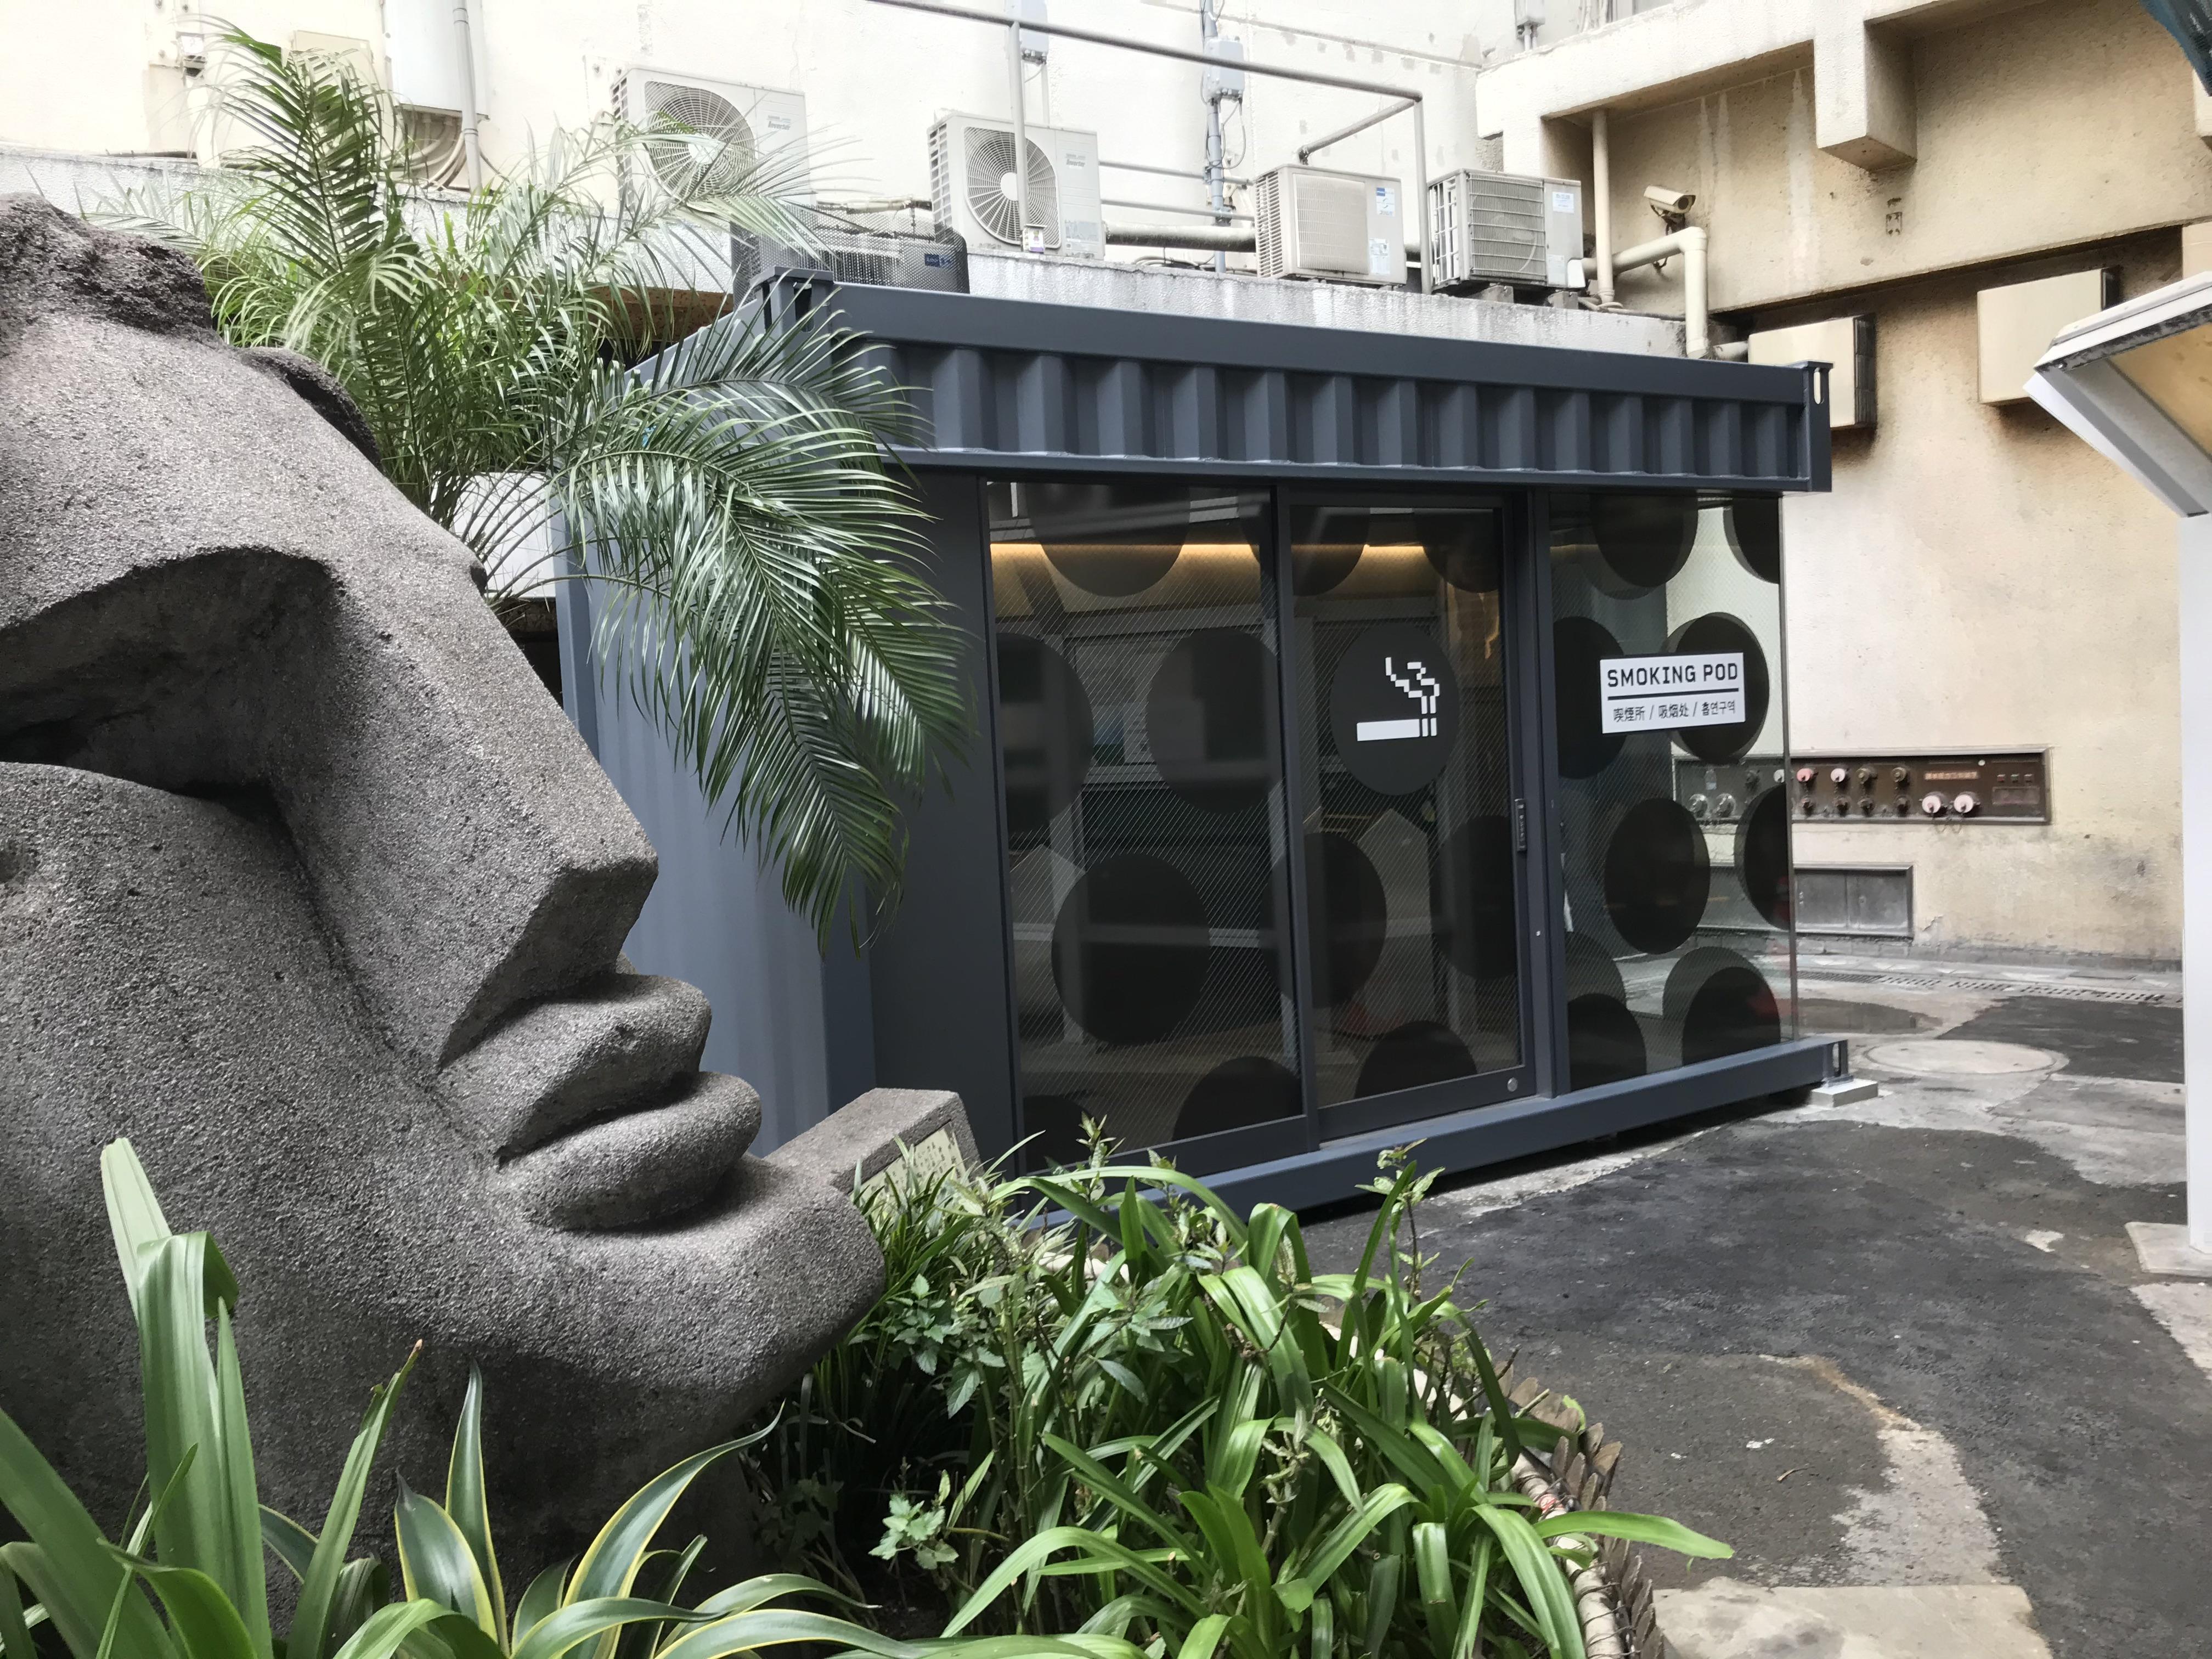 渋谷区の喫煙コンテナ(建築確認対応)